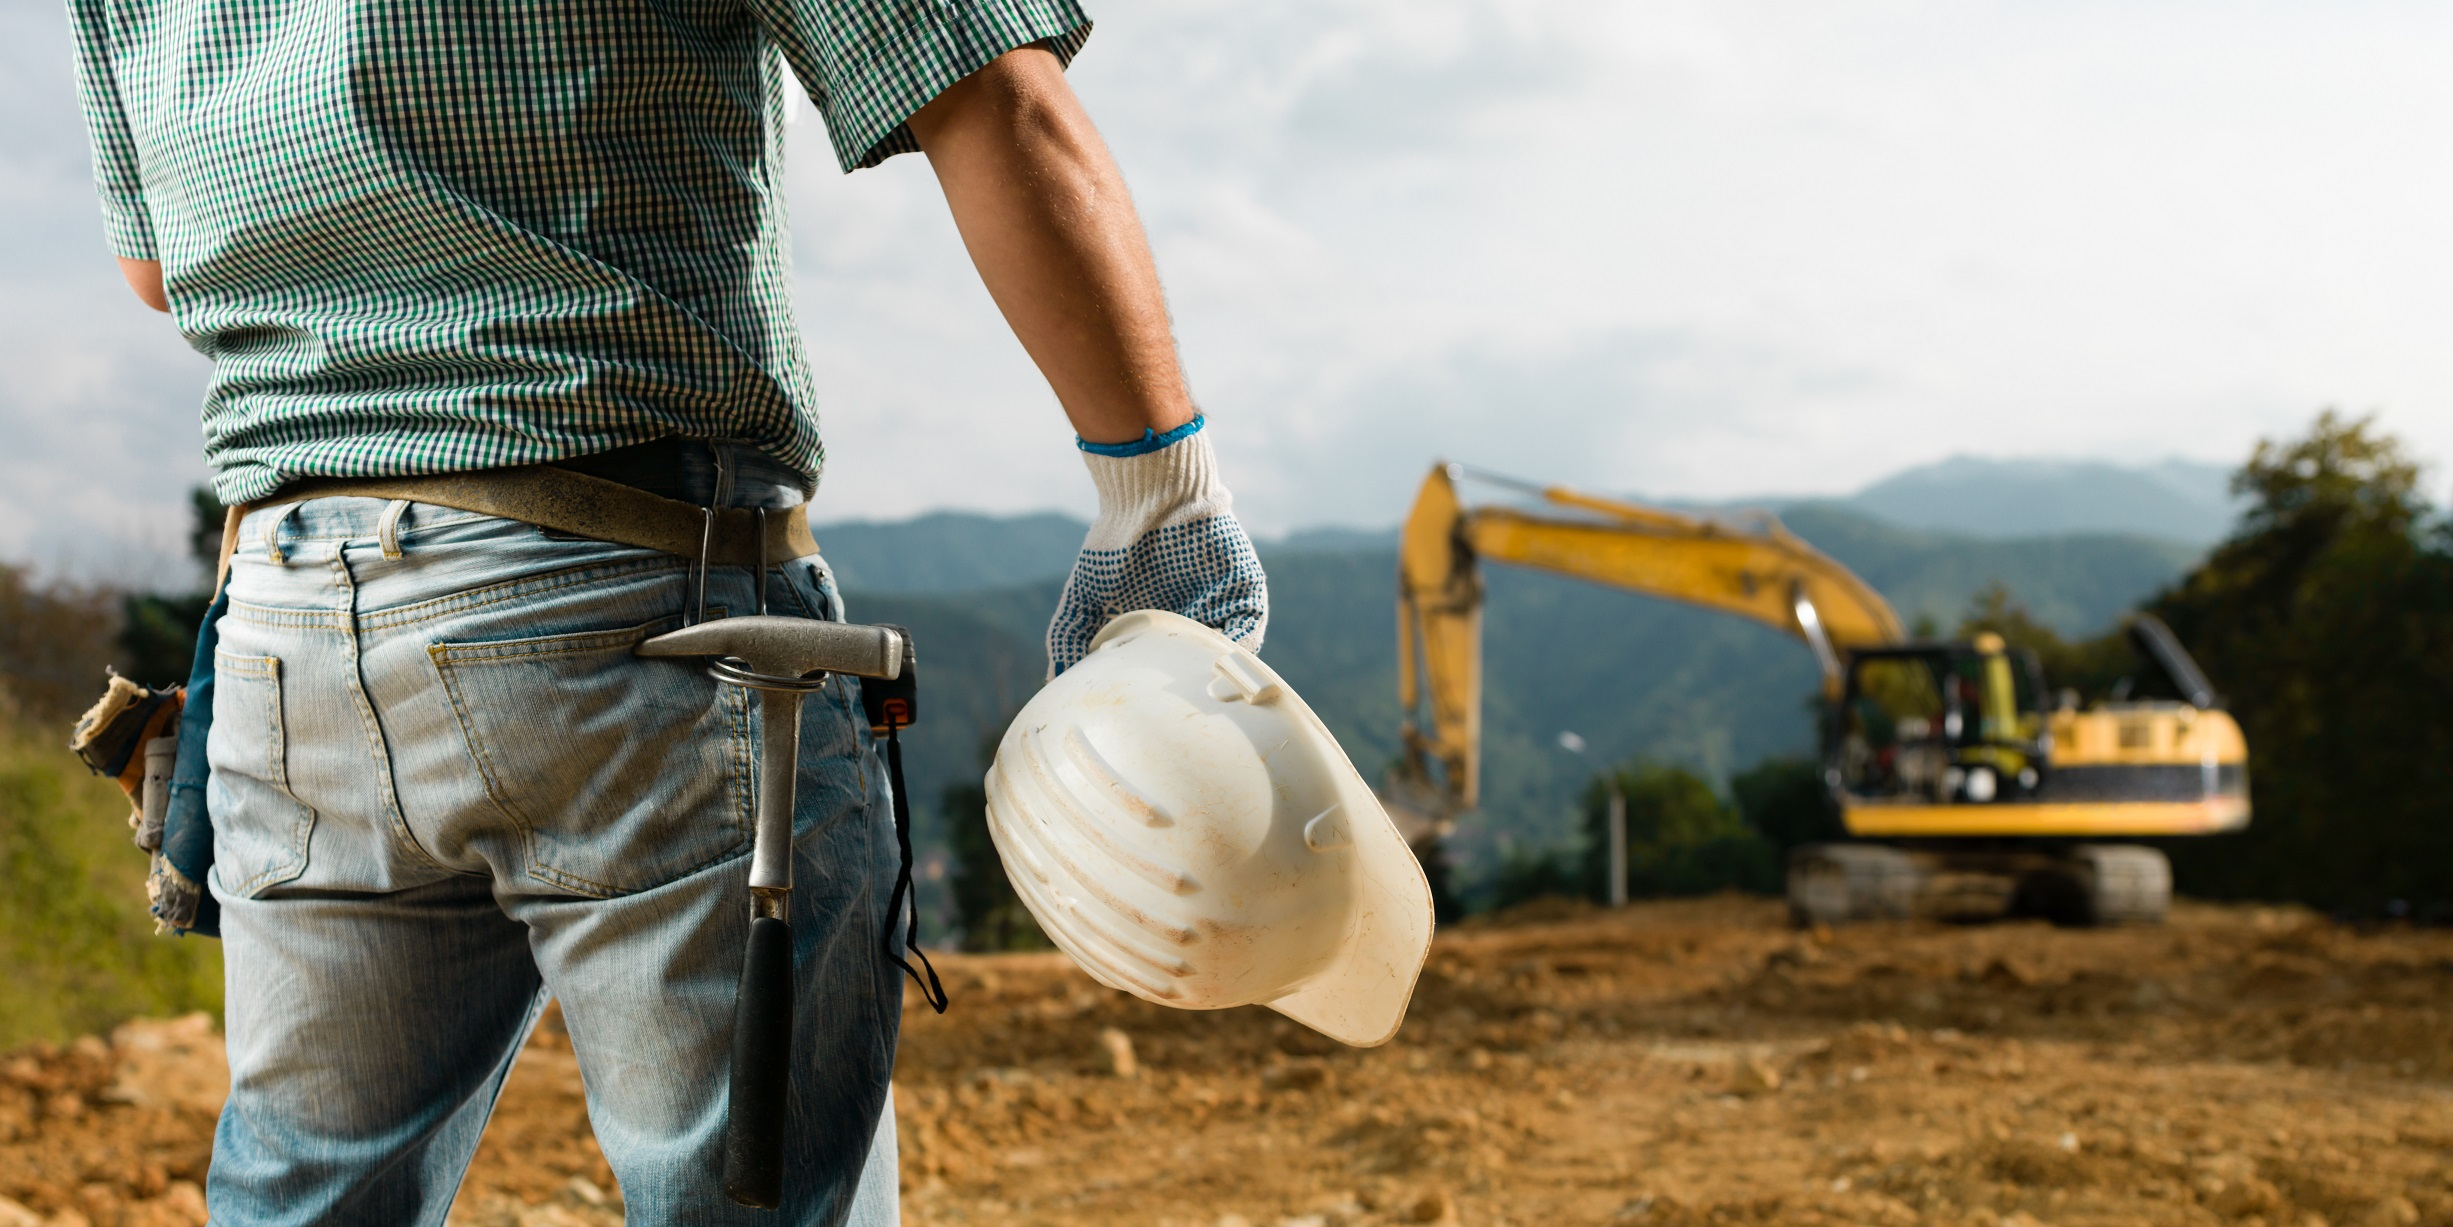 Balanço da construção civil no 1º semestre de 2021